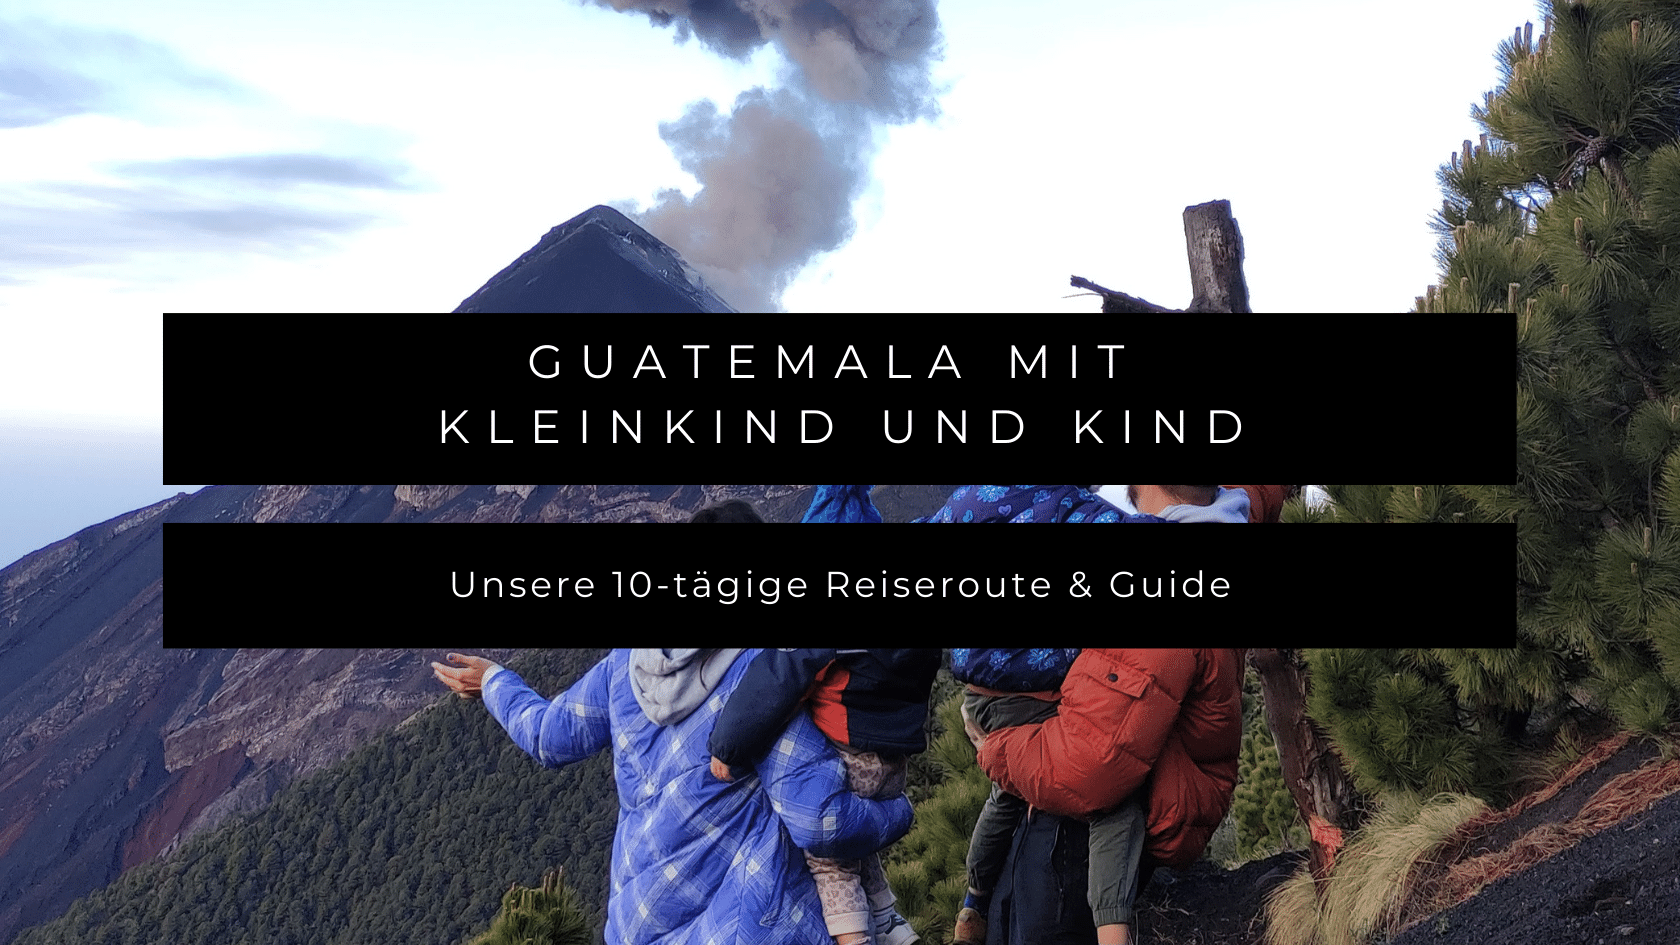 Guatemala mit Kleinkind und Kind: Reiseroute & Guide für 10 Tage